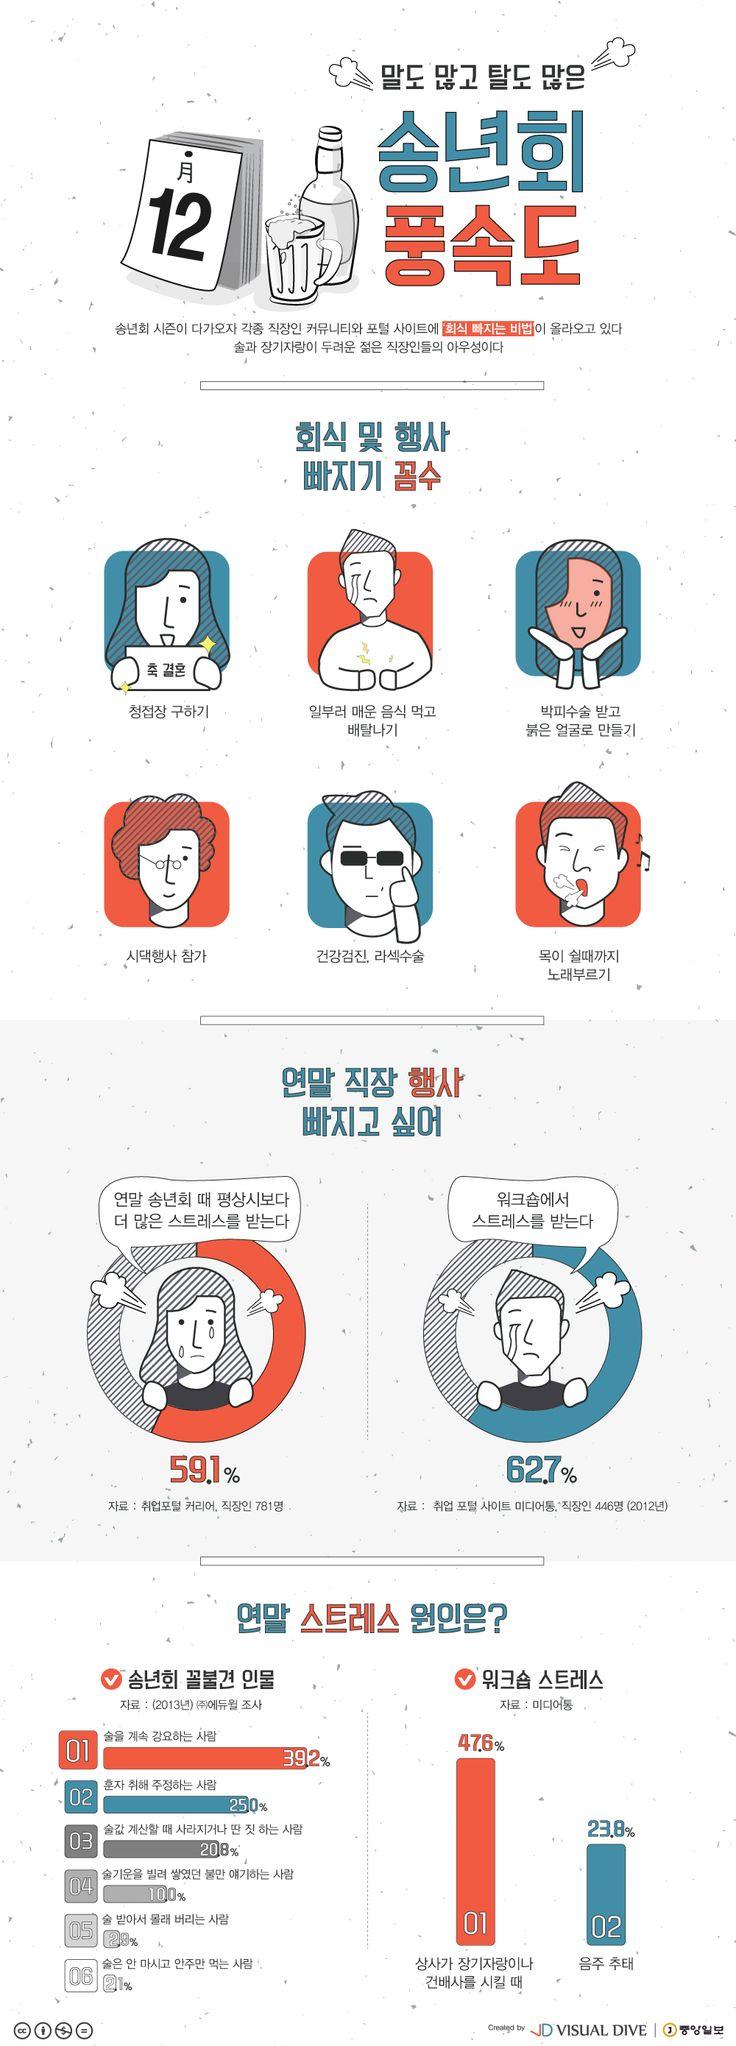 말도 많고 탈도 많은 송년회 풍속도 … 회식 빠지기 위해 박피수술까지 [인포그래픽] #year-end party / #Infographic ⓒ 비주얼다이브 무단 복사·전재·재배포 금지